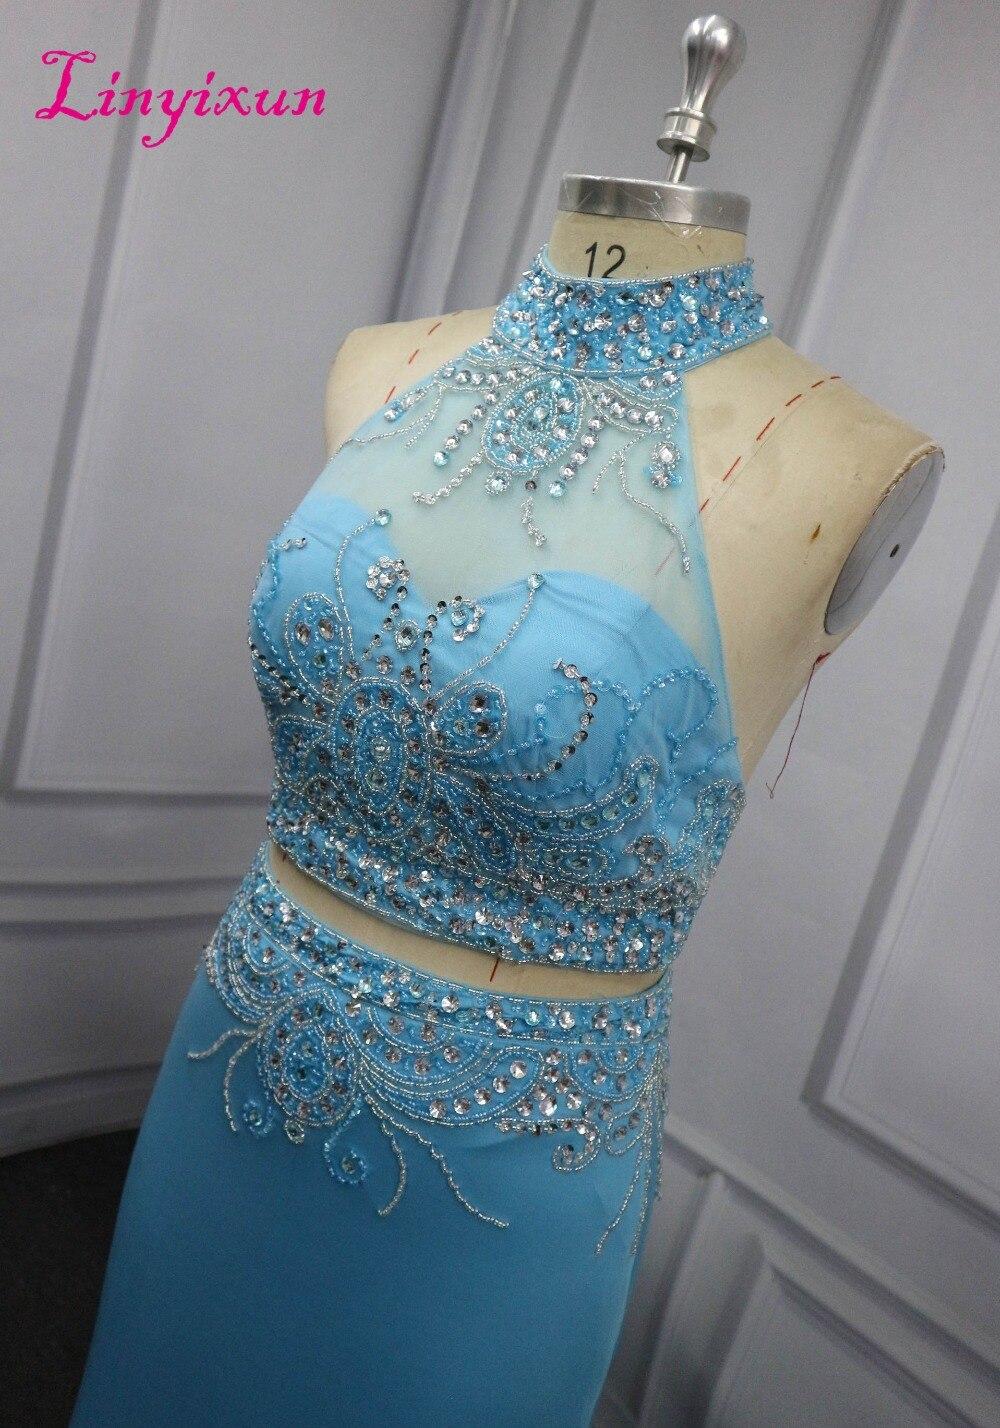 Kristall Lange Kleider Abschlussball 2018 Sexy Ine Zweiteiler Ärmellosen Chiffon Mit Linyixun partei Halter A Perlen Abendkleid Kleid Prom twYA46